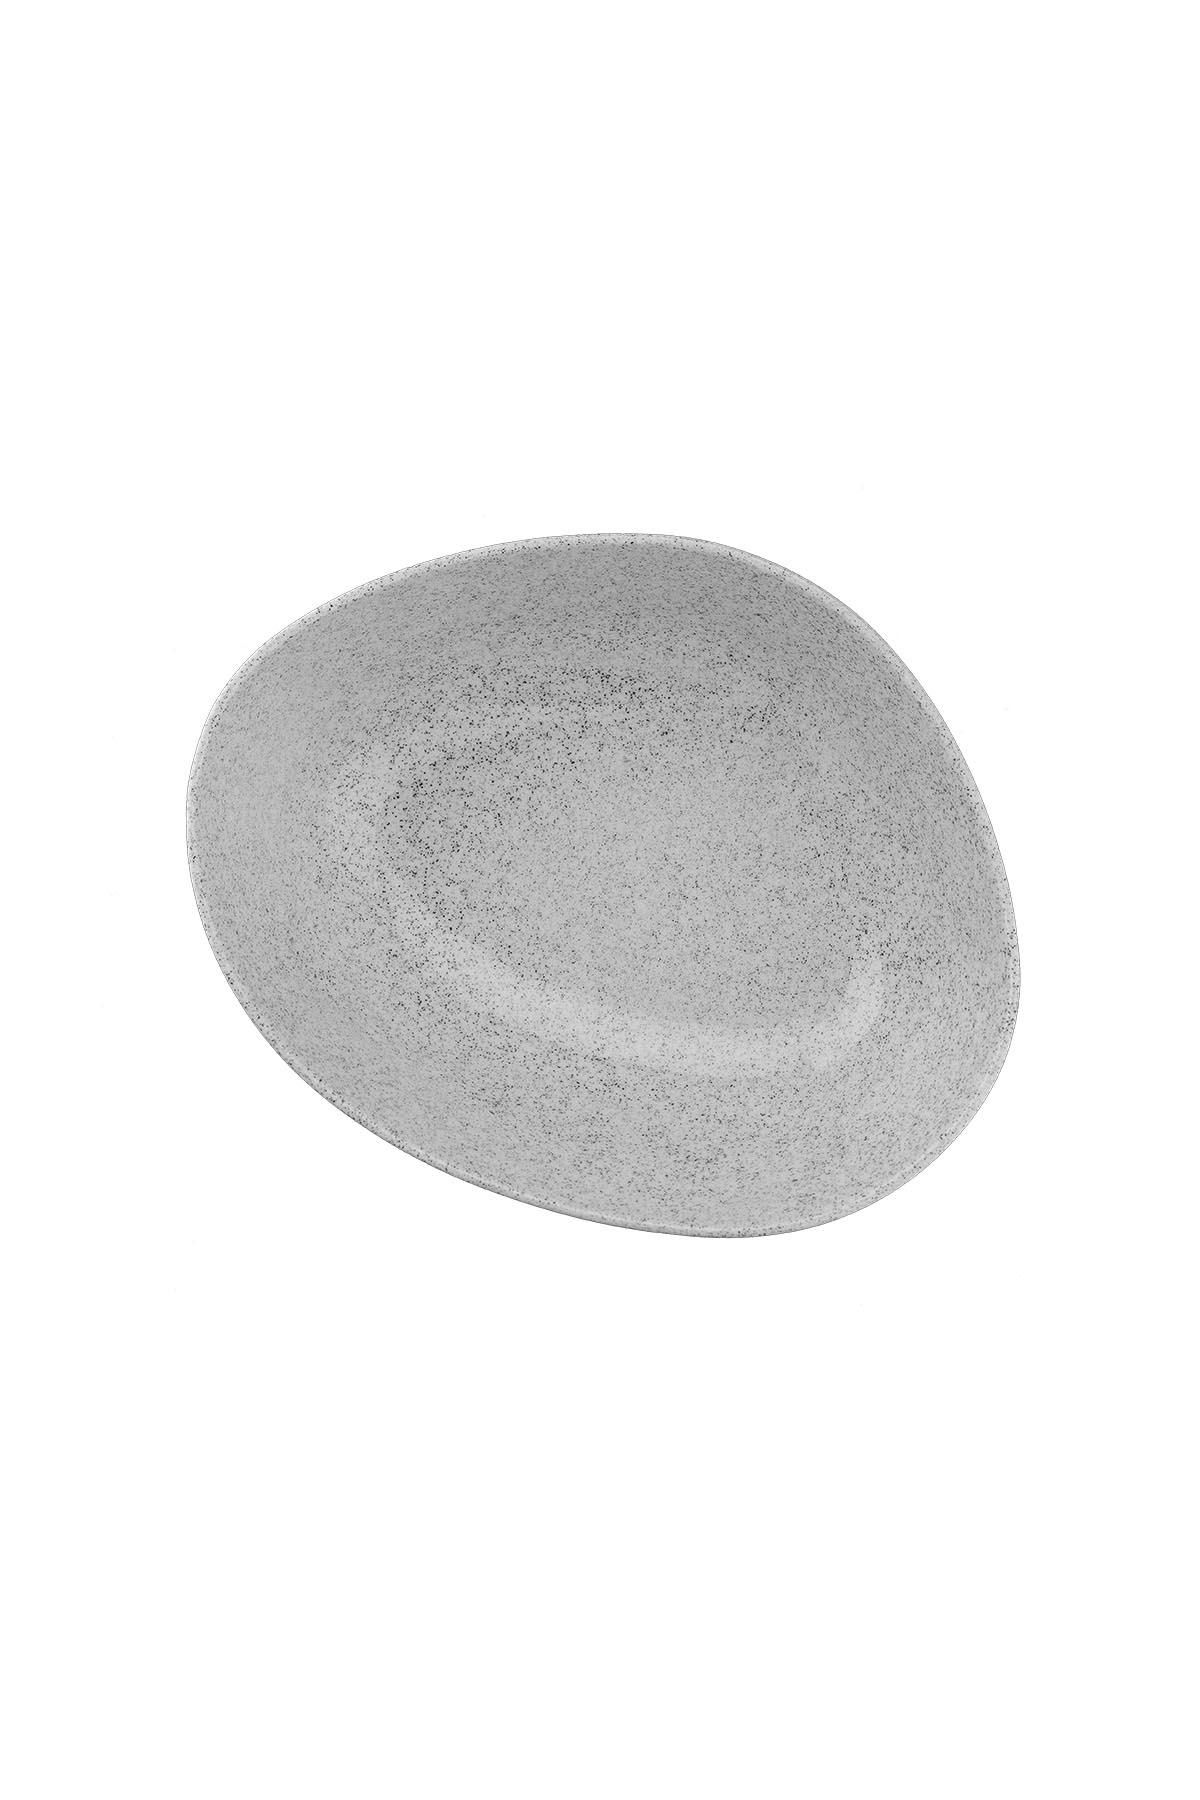 Kütahya Porselen - Galaxy 18 Cm Kase Mix Granul Krem Mat